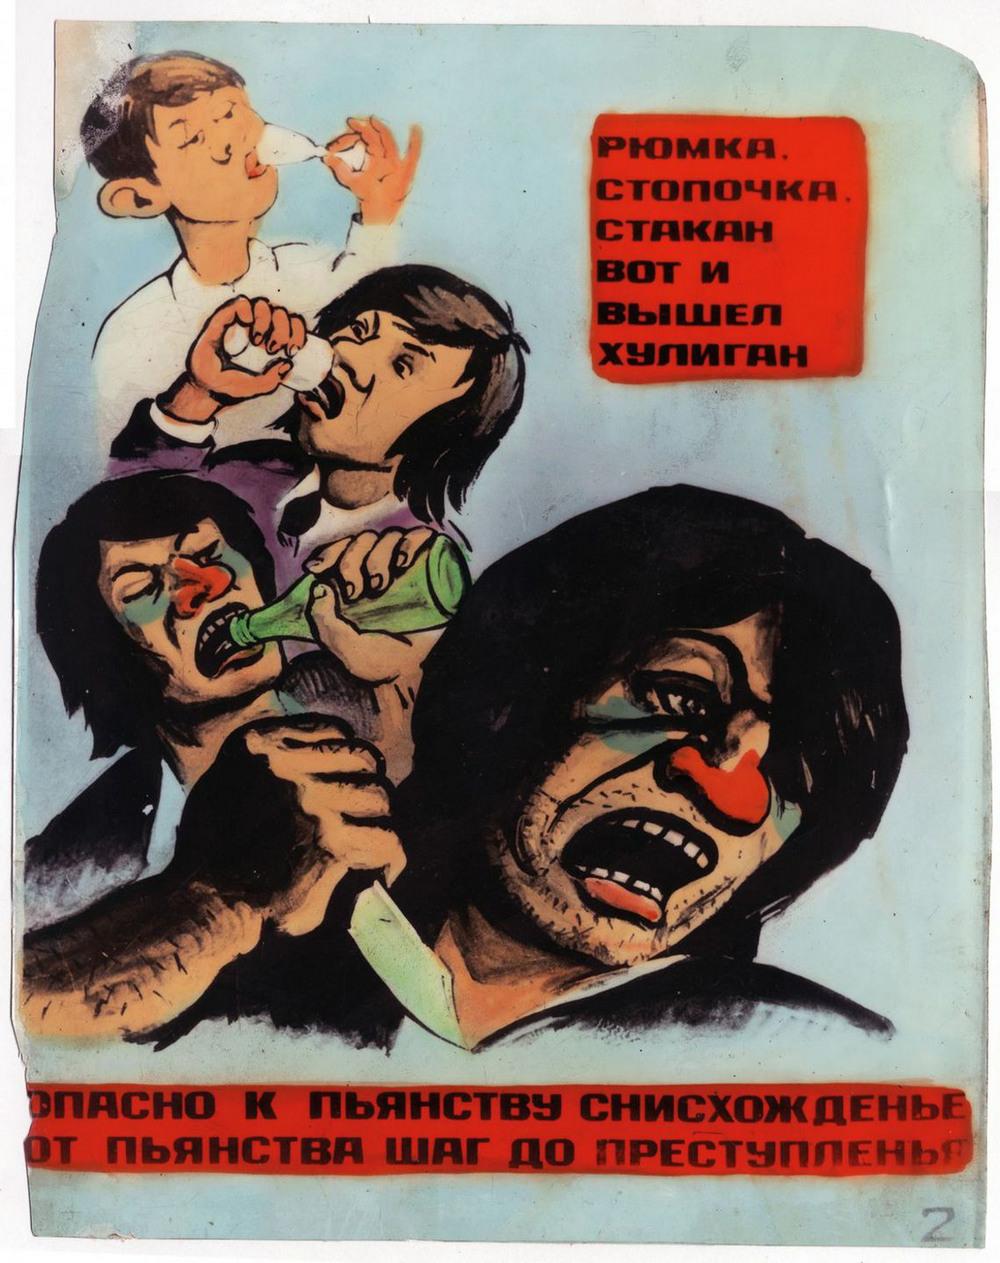 Пьянству бой: антиалкогольные советские плакаты (15 фото)